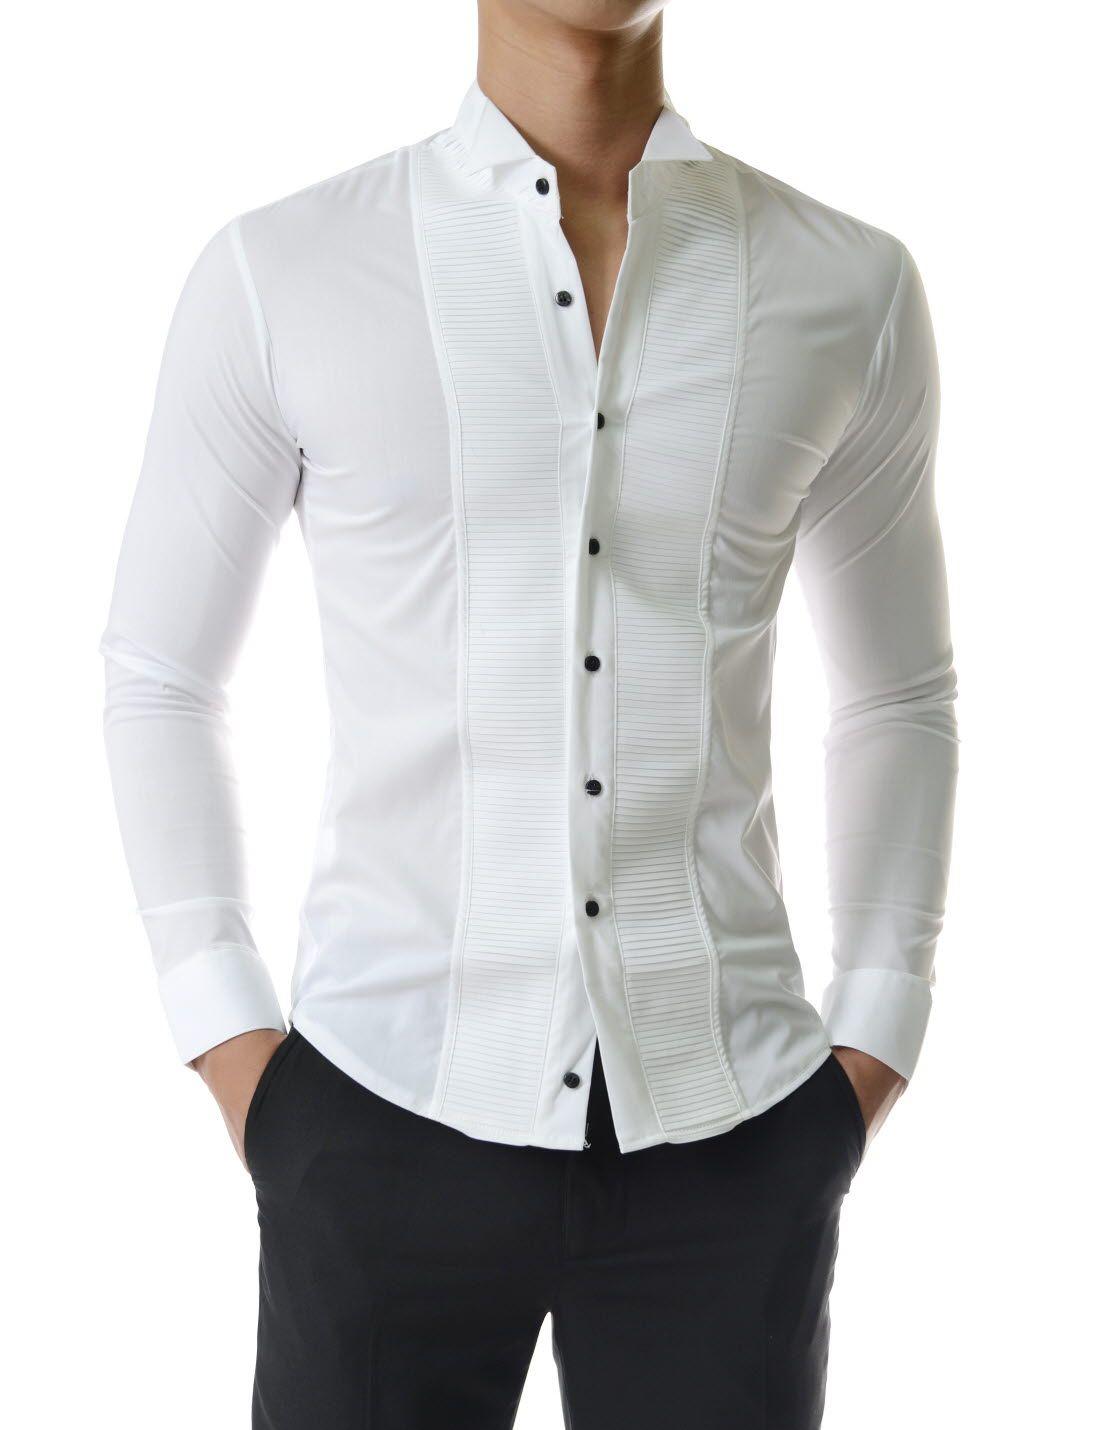 cool tuxedo shirts